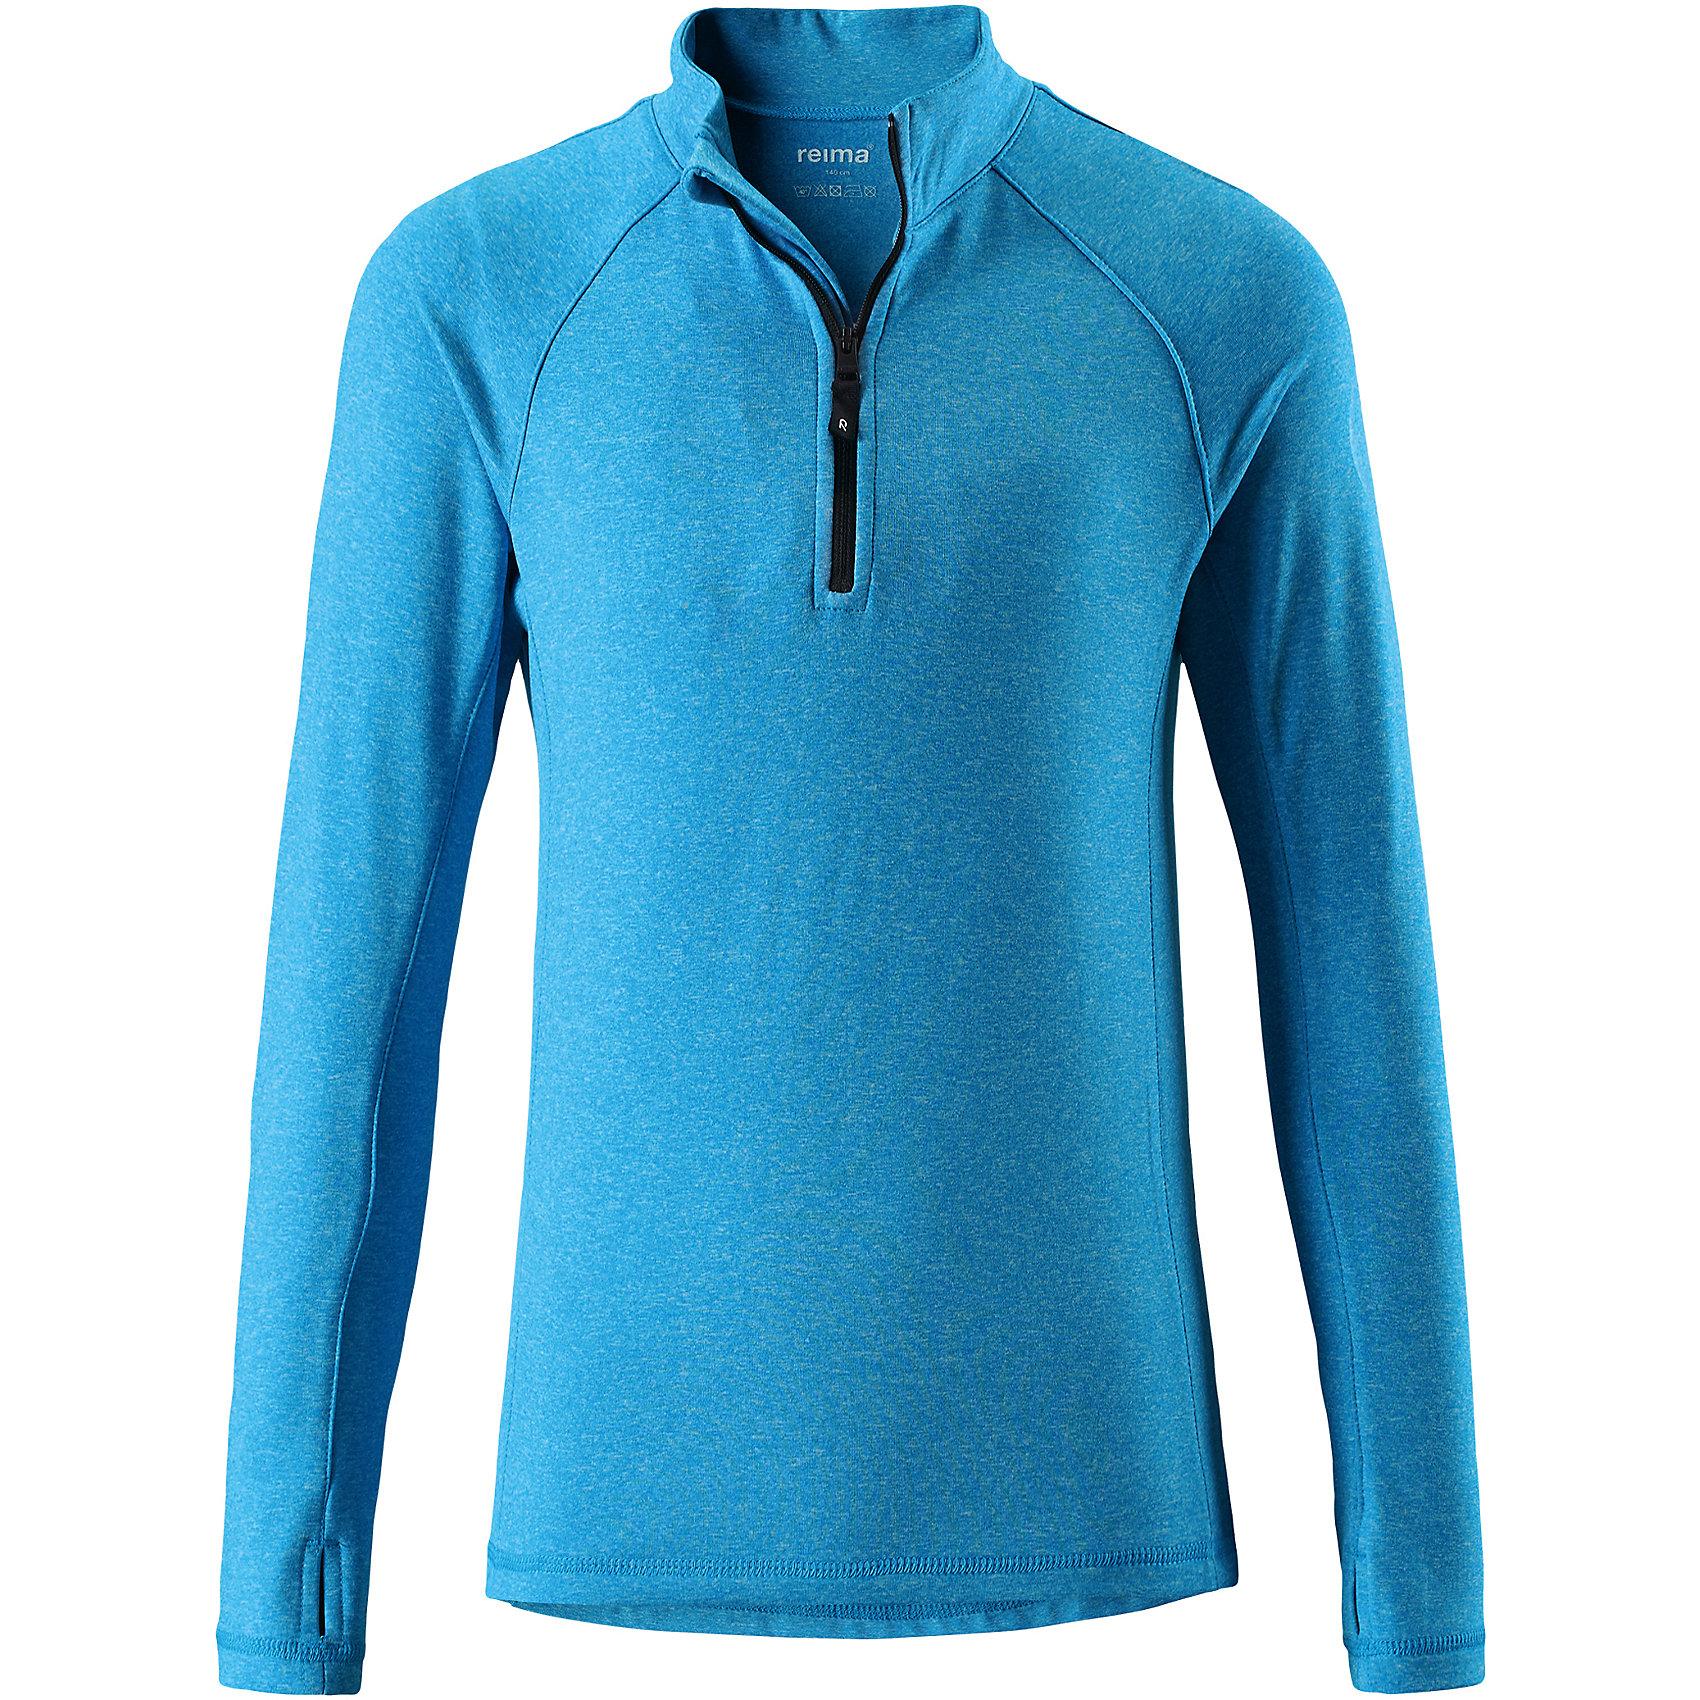 Свитер Reima Sly для мальчикаФлис и термобелье<br>Характеристики товара:<br><br>• цвет: голубой;<br>• состав: 92% полиэстер, 8% эластан; <br>• сезон: демисезон;<br>• мягкая ткань с начесом, приятная на ощупь;<br>• гладкая передняя часть;<br>• выводит влагу в верхние слои одежды;<br>• отверстие для большого пальца на манжете;<br>• молния спереди;<br>• страна бренда: Финляндия;<br>• страна изготовитель: Китай;<br><br>Популярная кофта для подростков изготовлена из мягкого эластичного меланжевого джерси с гладкой поверхностью. Изнаночная сторона с начесом очень удобная и приятная на ощупь, а удлиненная спинка обеспечивает пояснице дополнительную защиту. Этот дышащий материал отводит влагу от кожи и быстро сохнет, благодаря чему кофта стенет отличным выбором для активных прогулок. Материал имеет УФ-защиту 50+. Эта кофта для девочек снабжена молнией спереди и удобным отверстием для большого пальца на концах рукавов.<br><br>Свитер Sly для мальчика Reima (Рейма) можно купить в нашем интернет-магазине.<br><br>Ширина мм: 190<br>Глубина мм: 74<br>Высота мм: 229<br>Вес г: 236<br>Цвет: синий<br>Возраст от месяцев: 156<br>Возраст до месяцев: 168<br>Пол: Мужской<br>Возраст: Детский<br>Размер: 164,104,110,116,122,128,134,140,146,152,158<br>SKU: 6906377